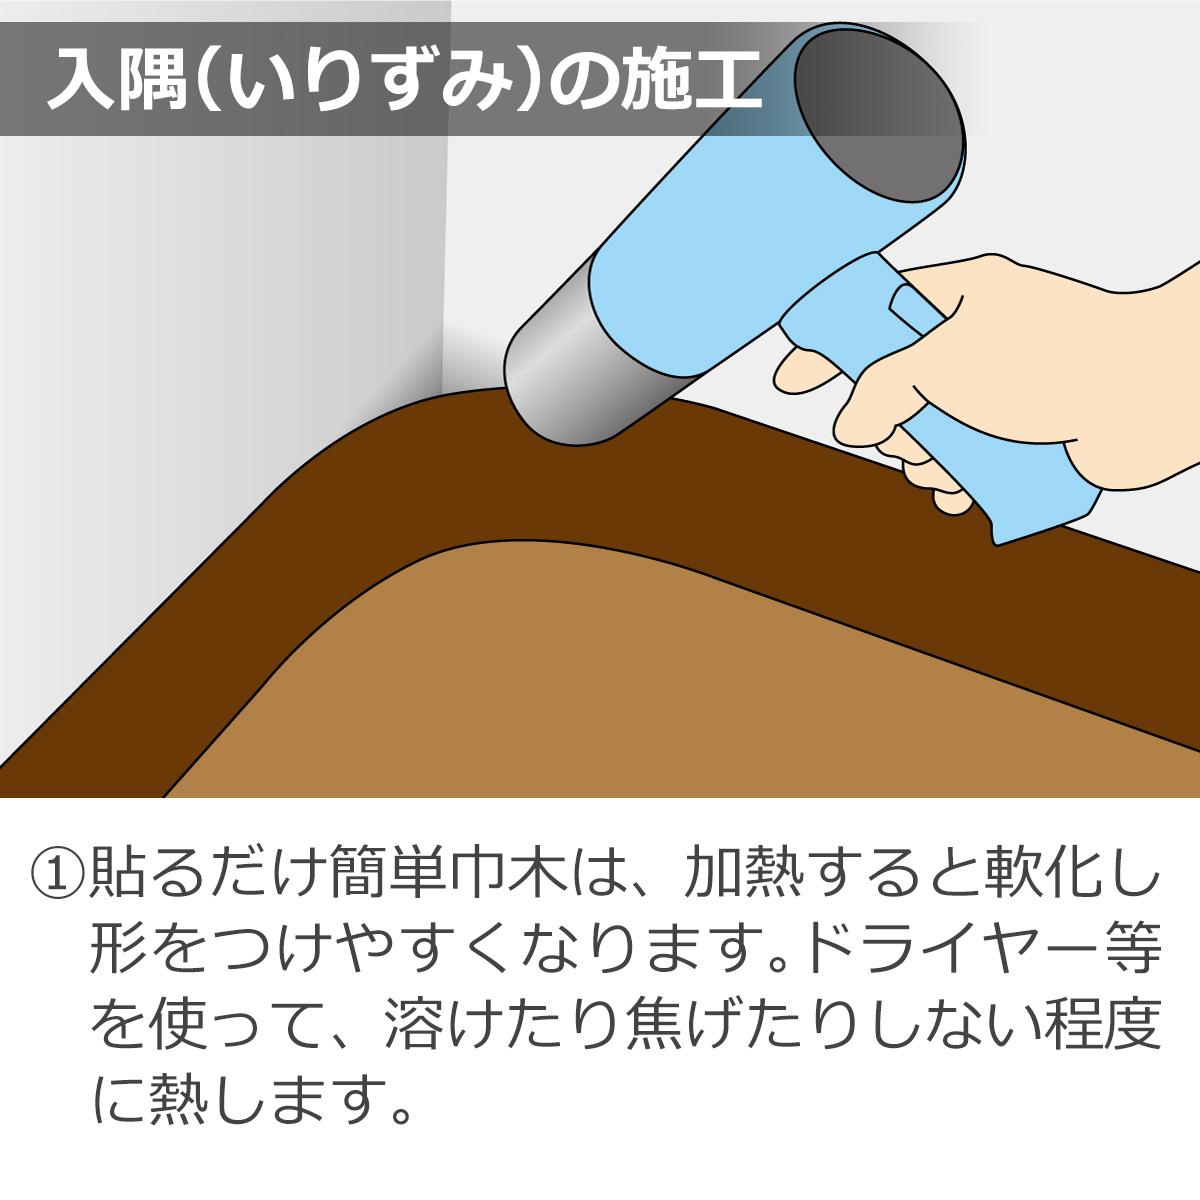 入隅(いりずみ)の施工 1・貼るだけ簡単巾木は、加熱すると軟化し形をつけやすくなります。ドライヤー等を使って、溶けたり焦げたりしない程度に熱します。